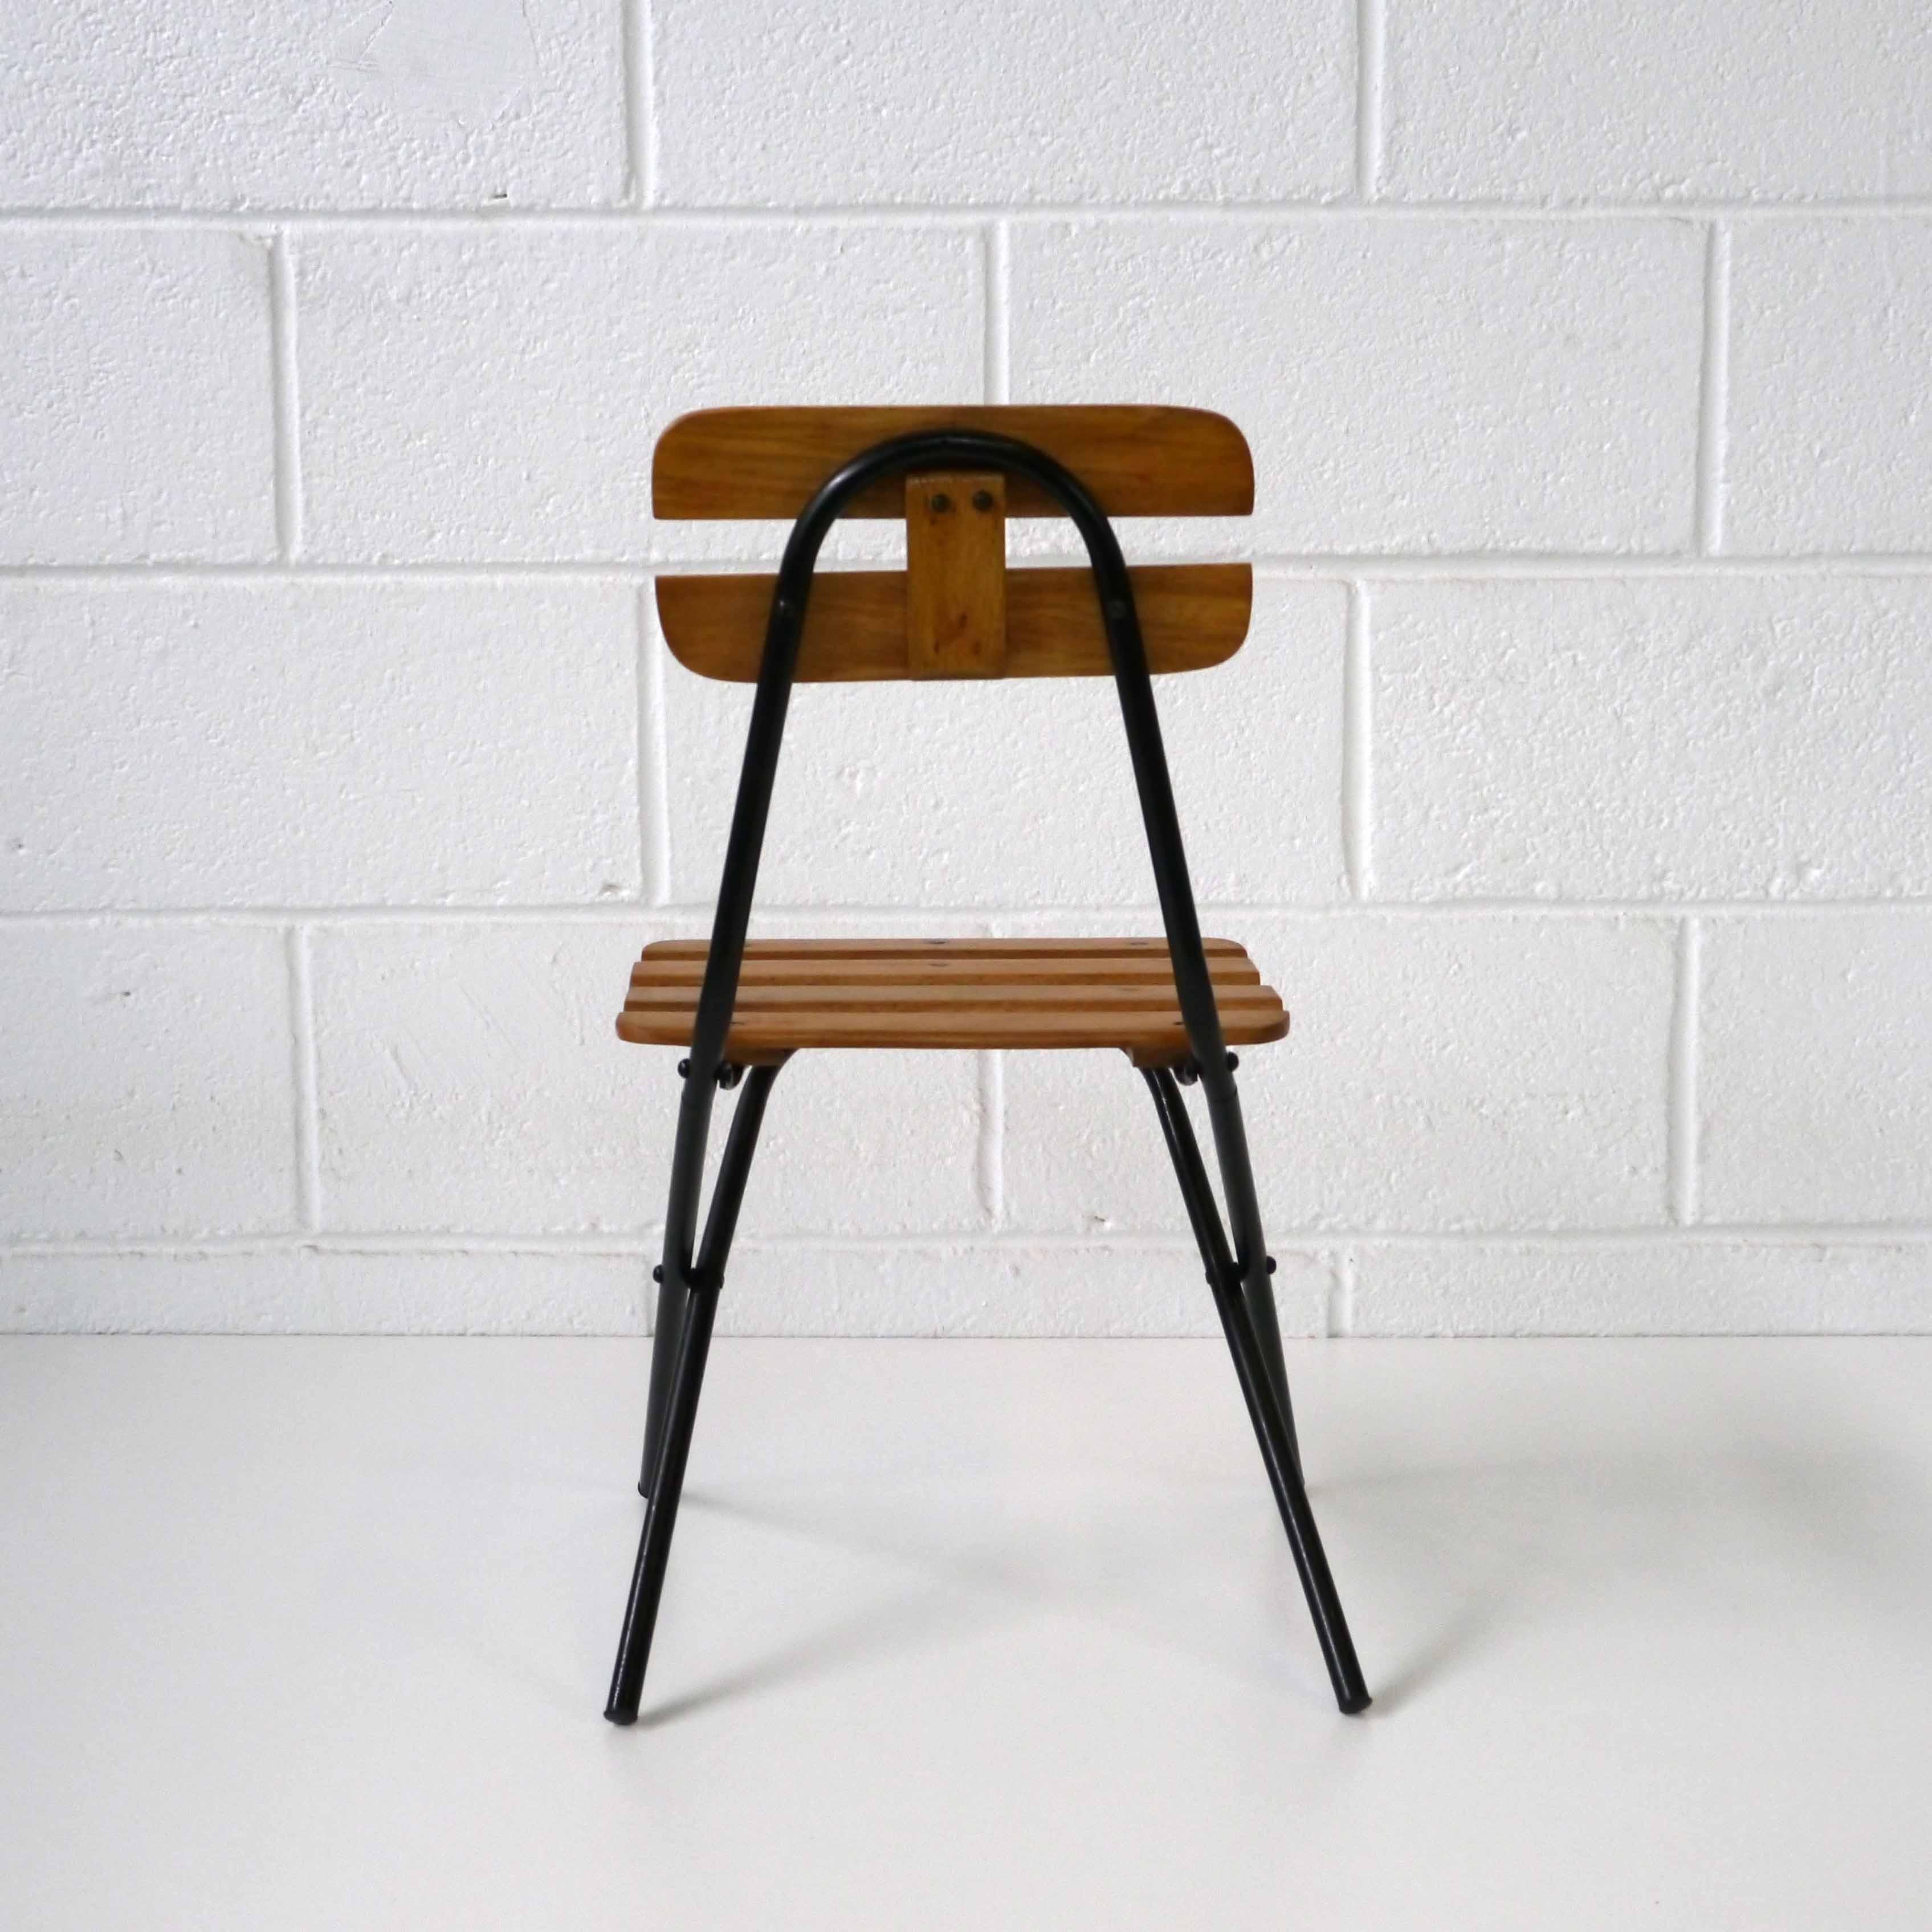 chaise pliante enfant design la marelle mobilier et d co vintage enfants. Black Bedroom Furniture Sets. Home Design Ideas